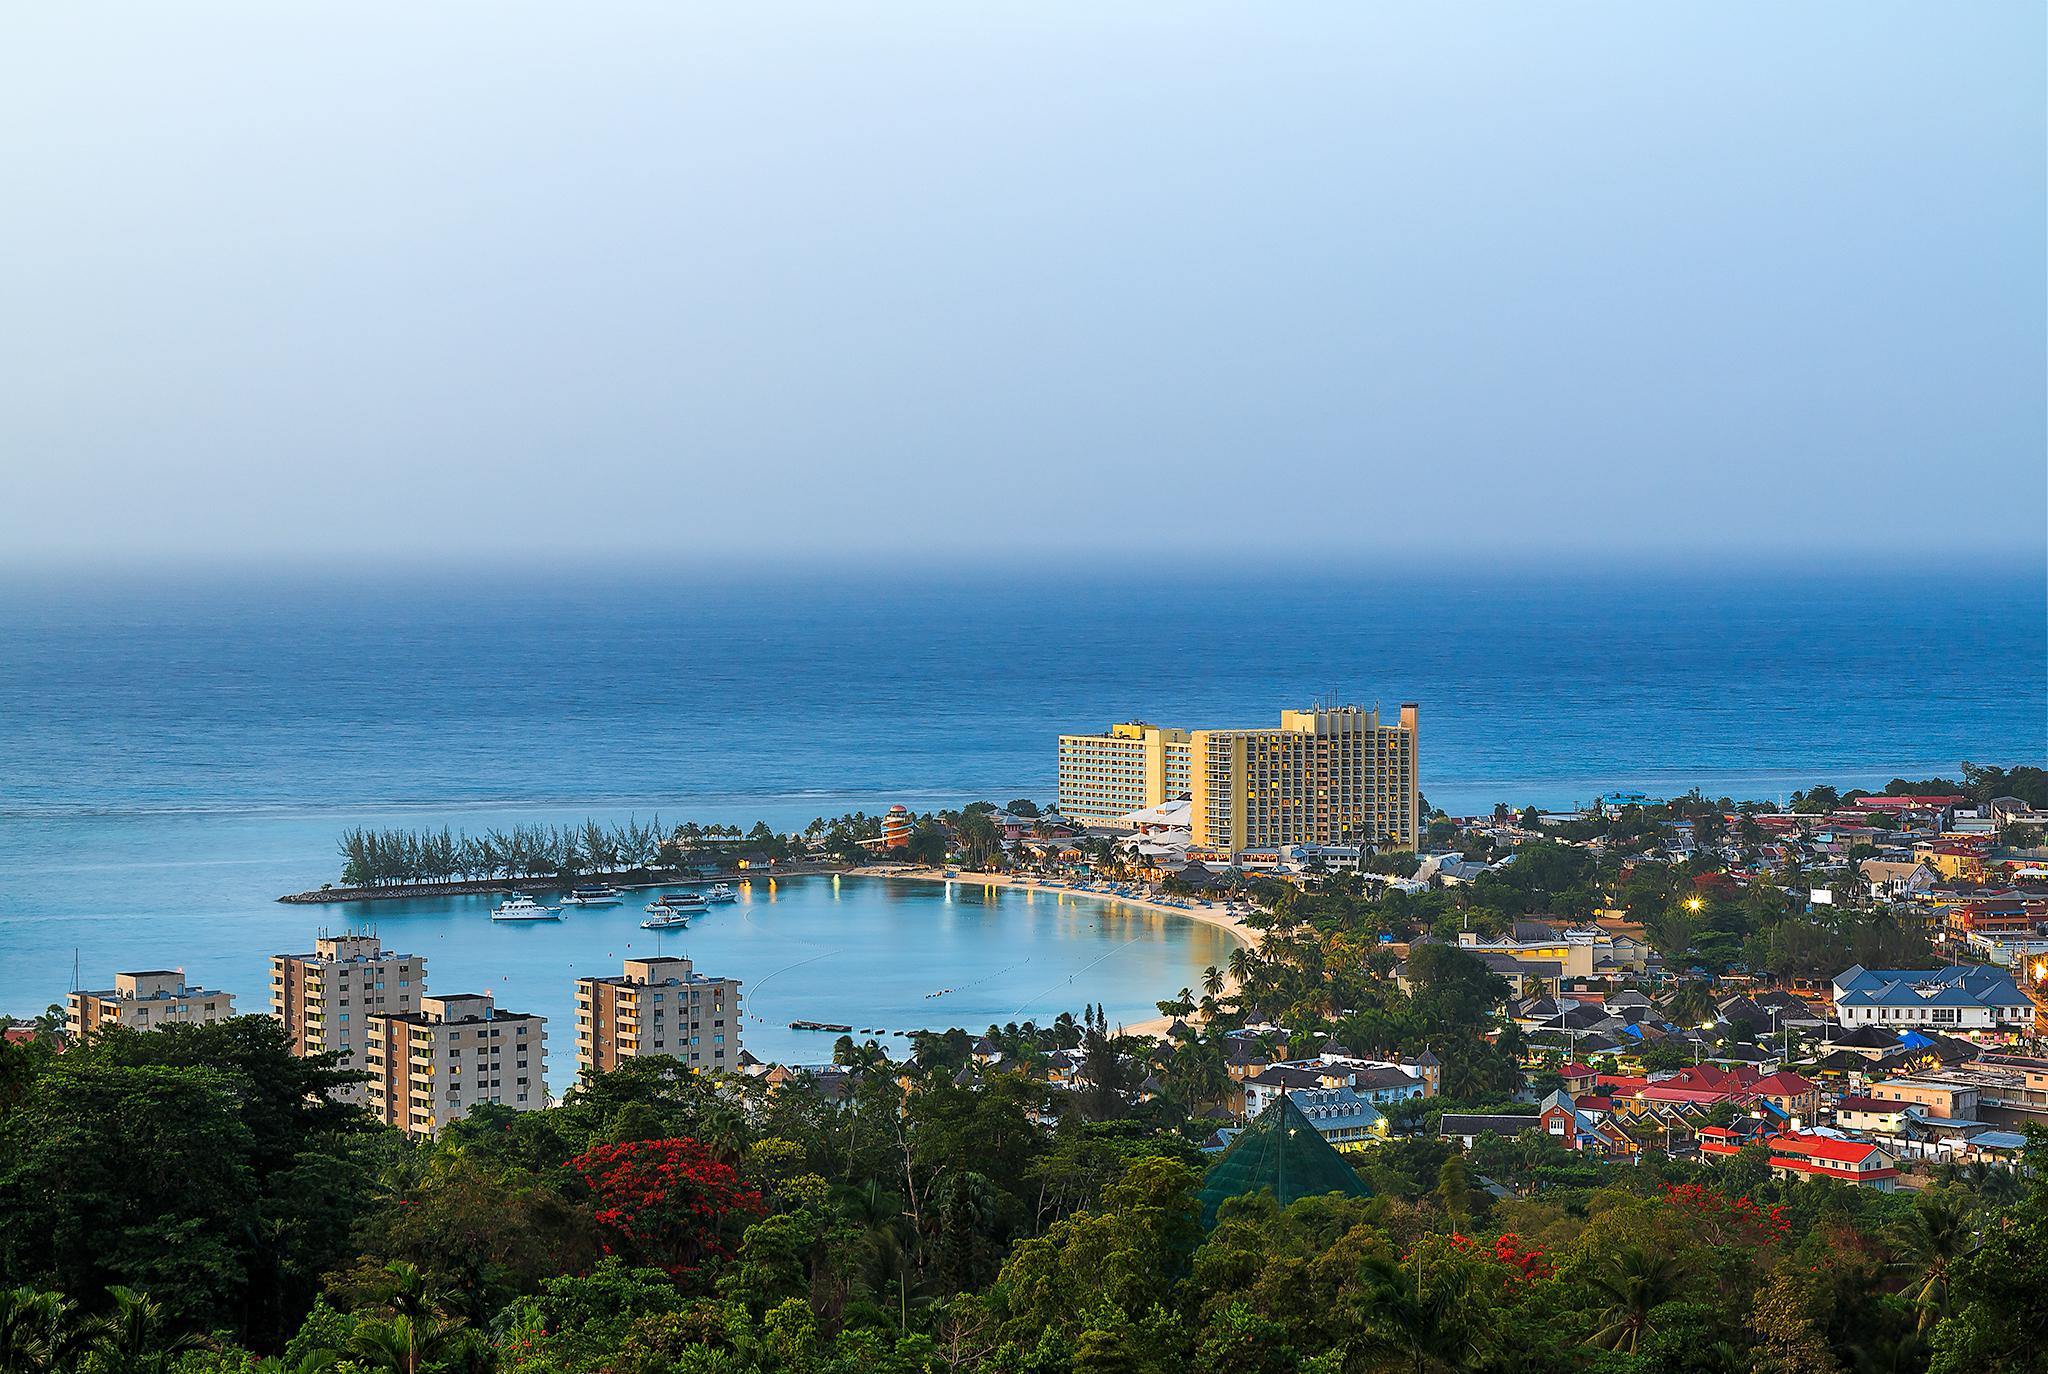 View of Ocho Rios in St Ann, Jamaica.